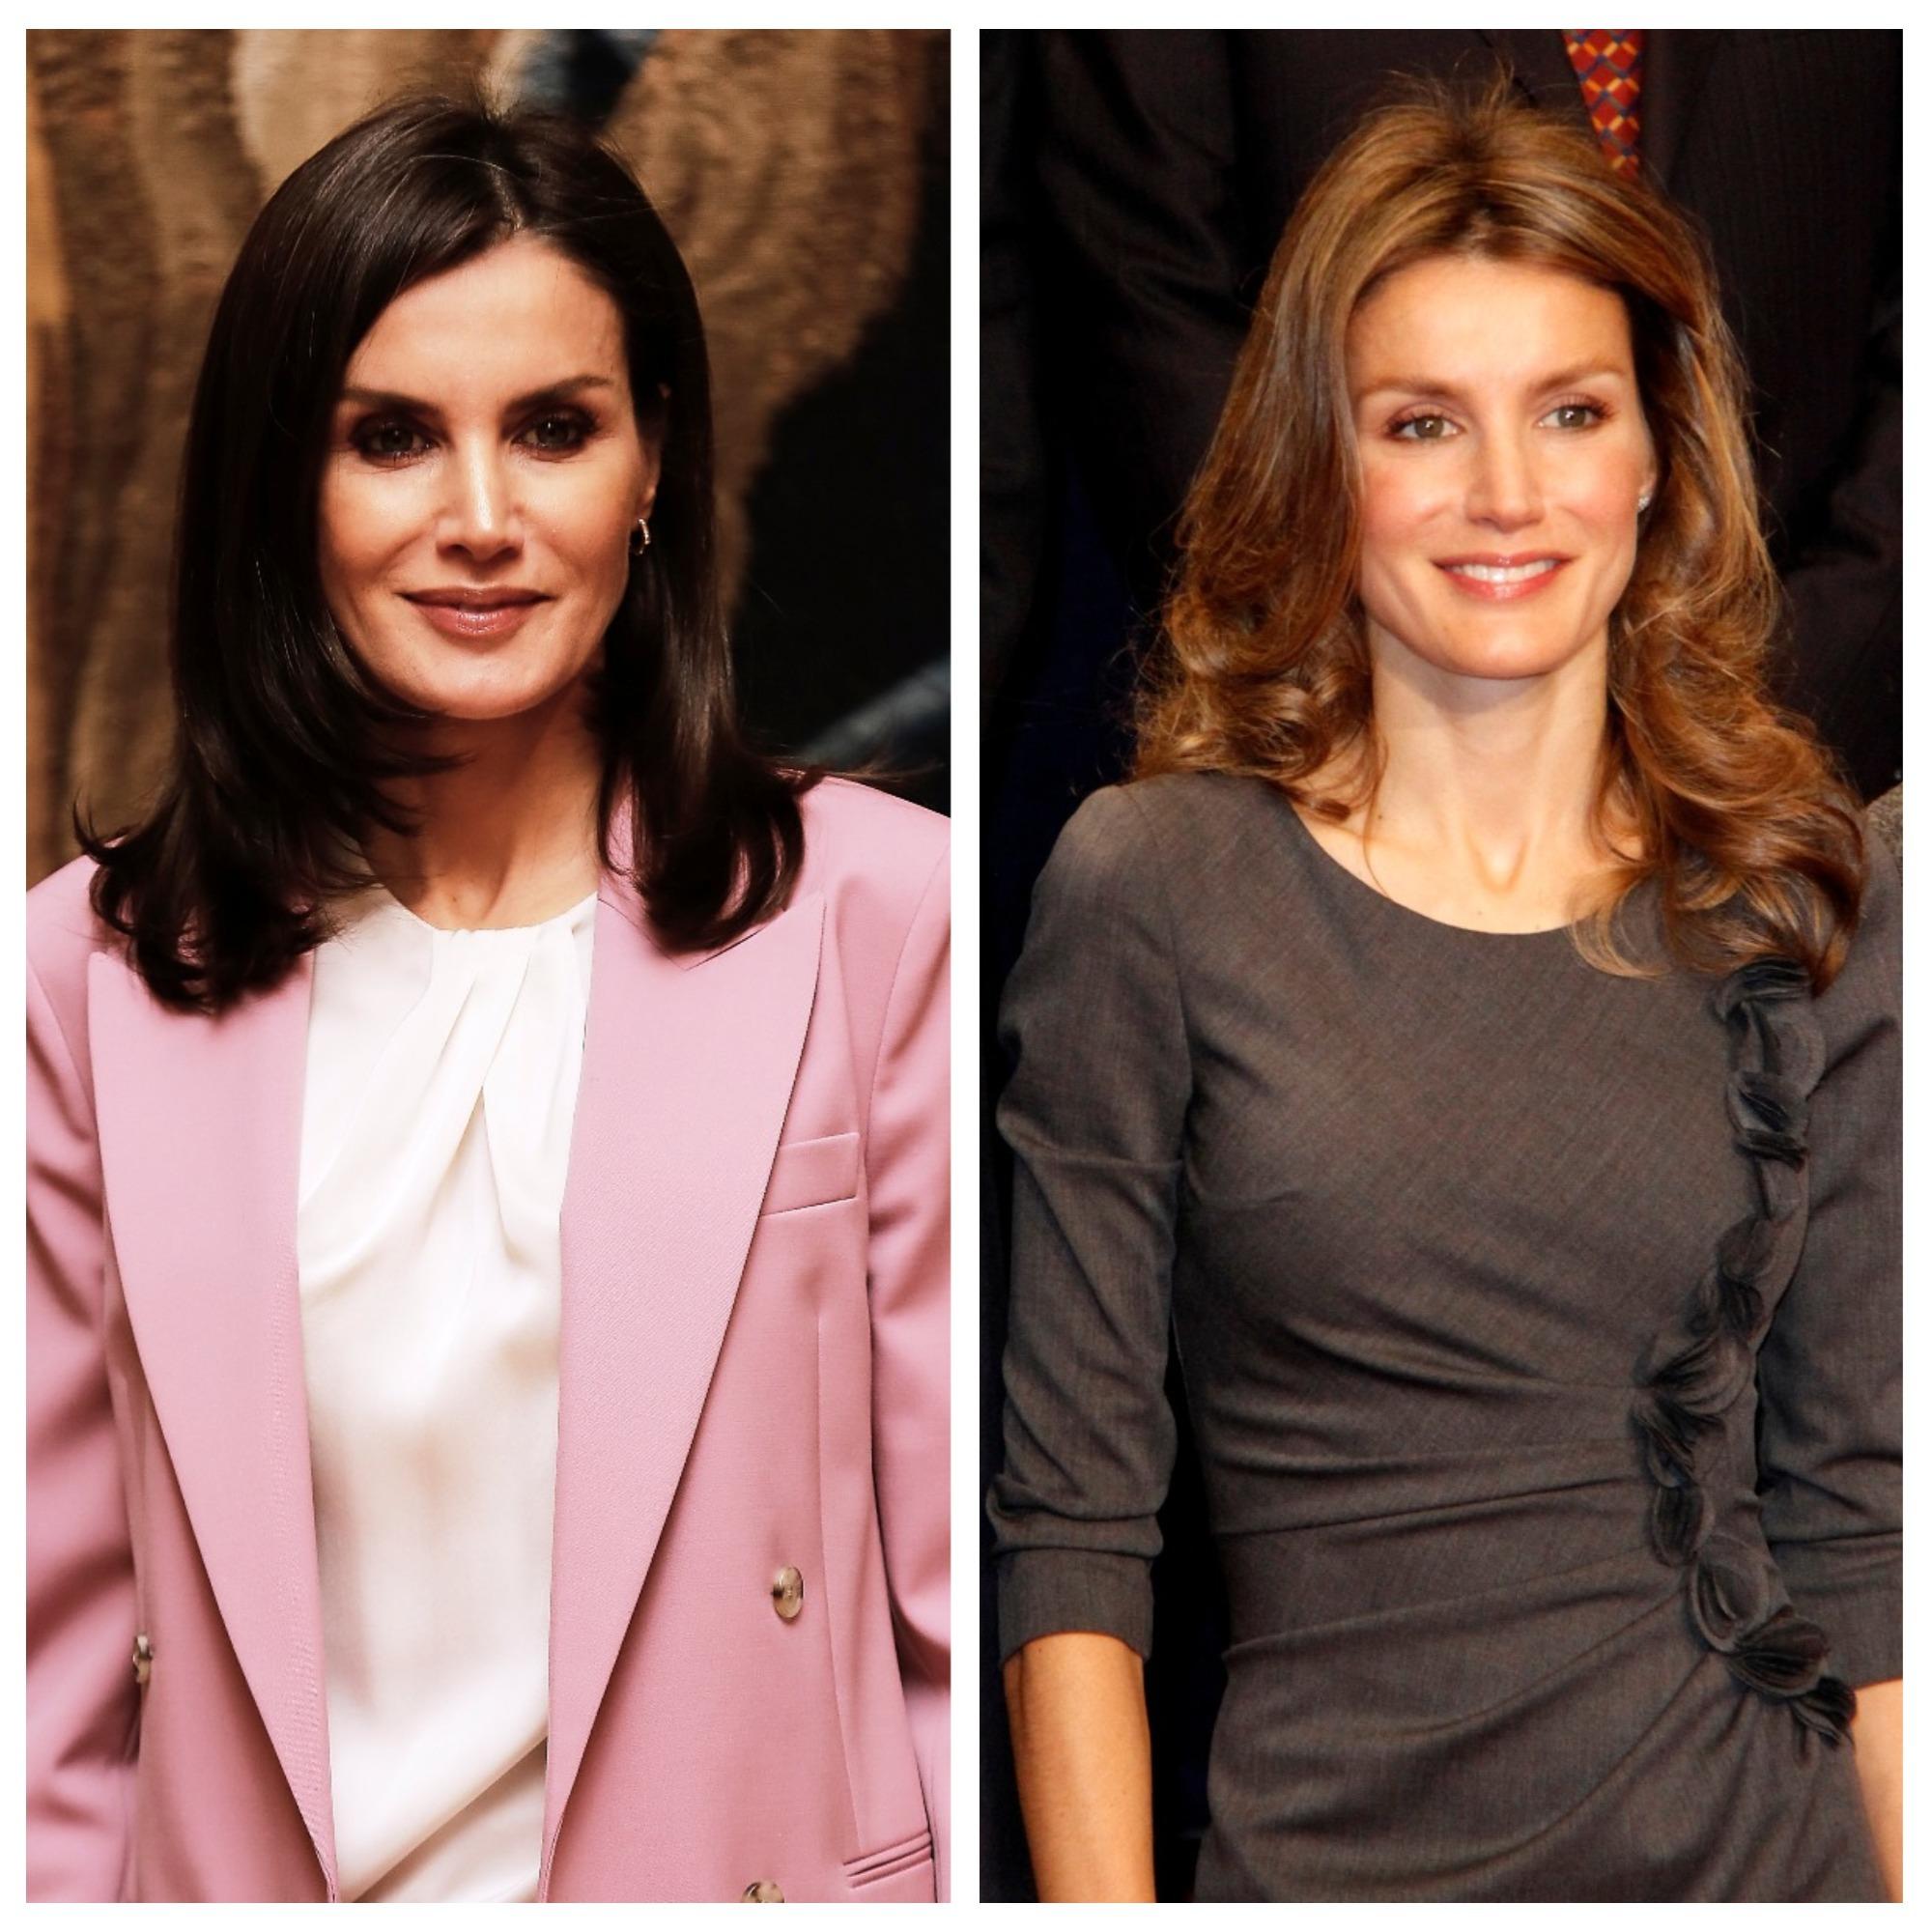 <p><strong>Летисия Ортис</strong></p>  <p>Лерисия е настоящата кралица на Испания. Родена е през 1972 в Овидео. Дъщеря е на журналист и медицинска сестра.</p>  <p>Омъжва се за принц Астириас през 2004 година и с него имат две дъщери.</p>  <p>През 2014 година крал Хуан Карлос I абдикира в полза на принц Астириас, който сяда на трона.</p>